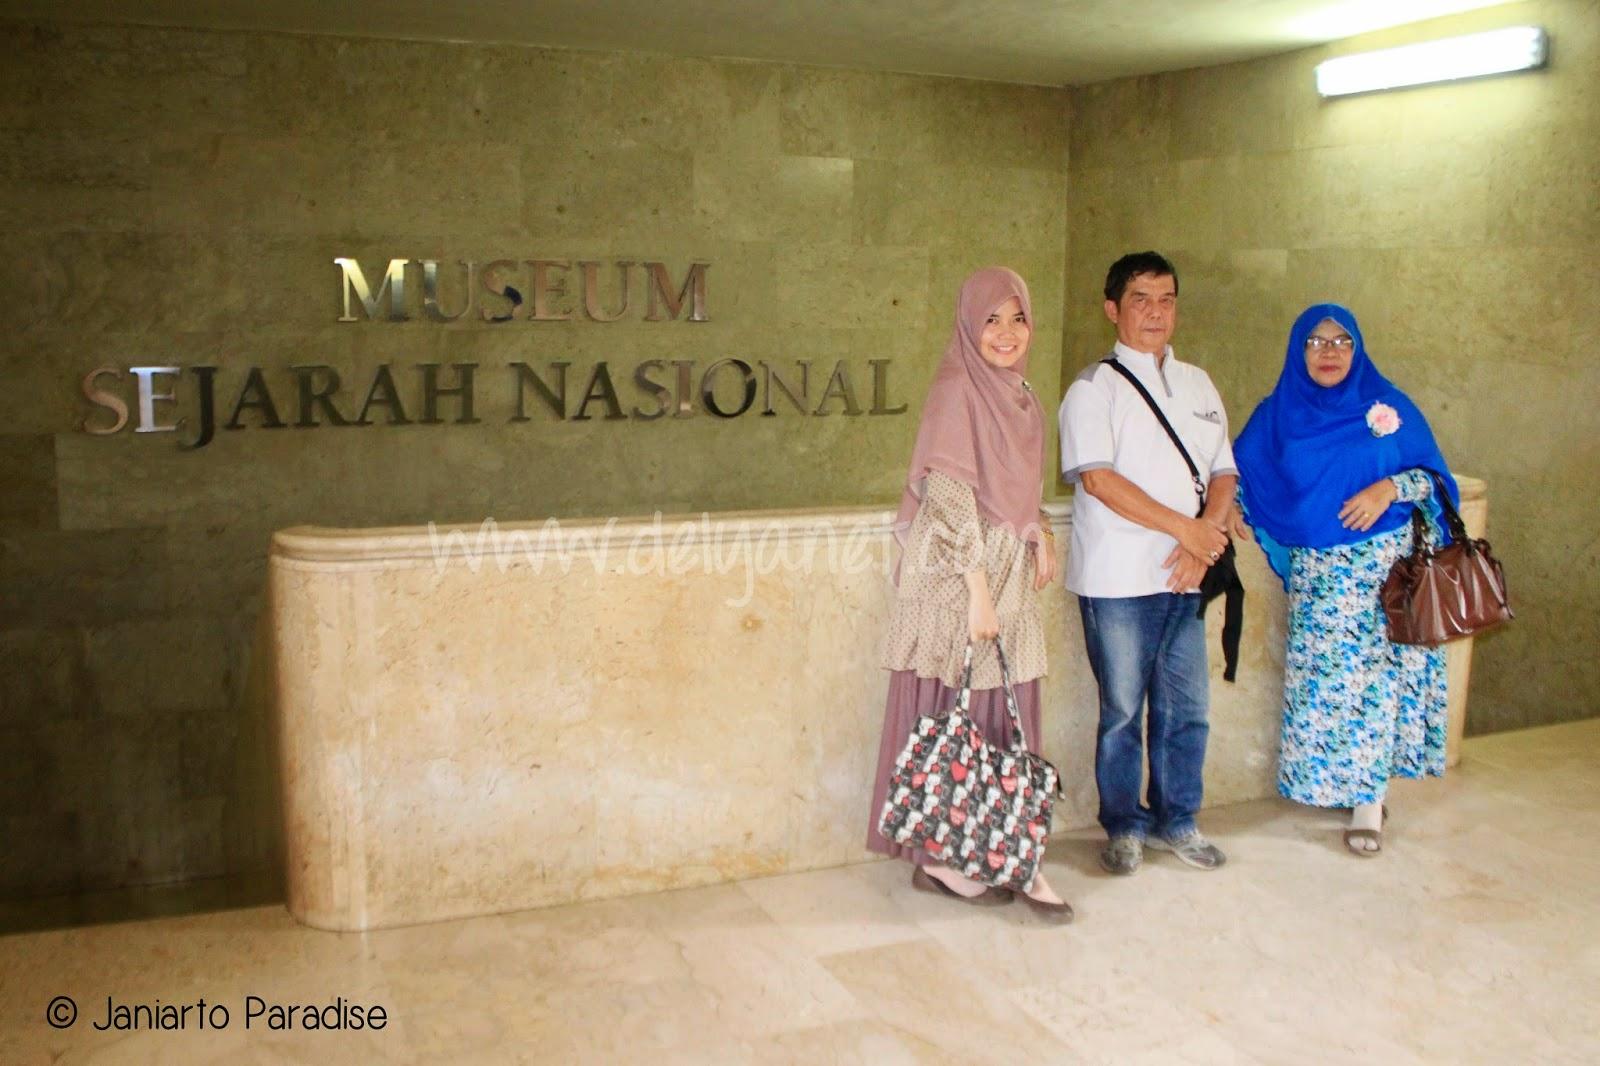 Museum Sejarah Nasional